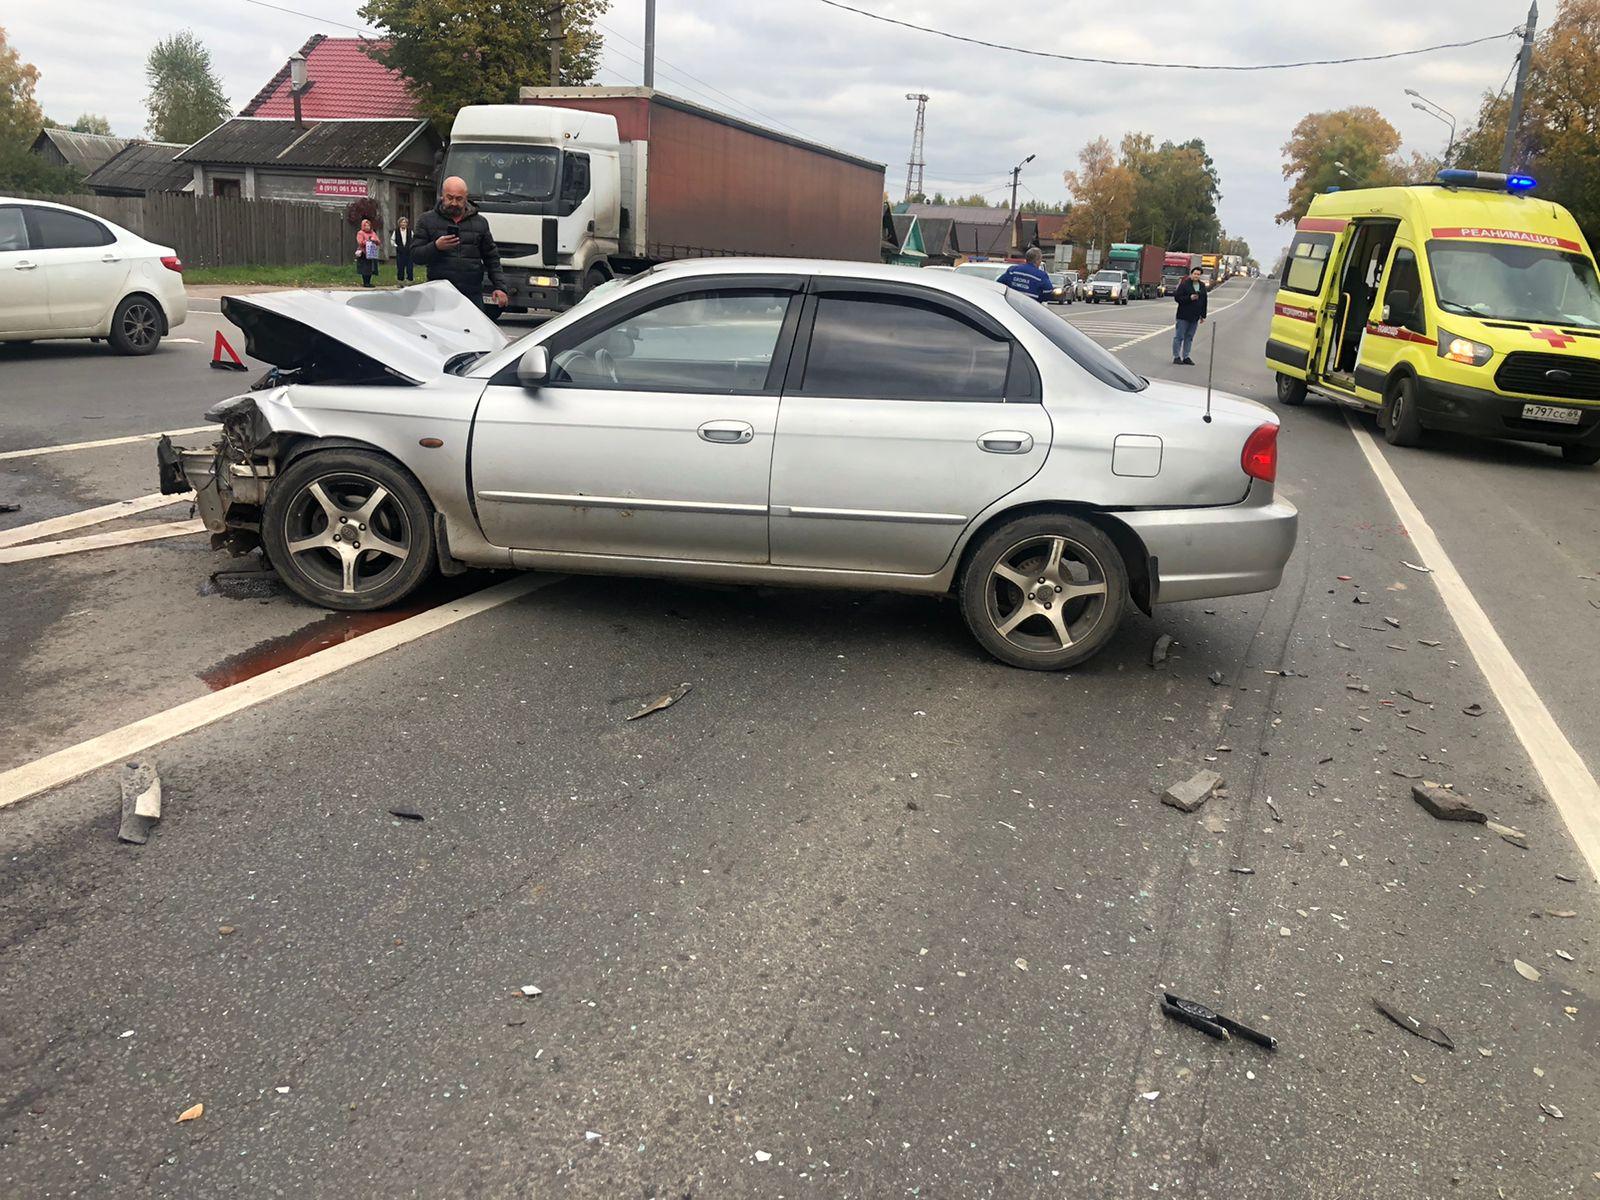 Пьяный водитель спровоцировал и сам пострадал в ДТП на трассе М10 в Тверской области